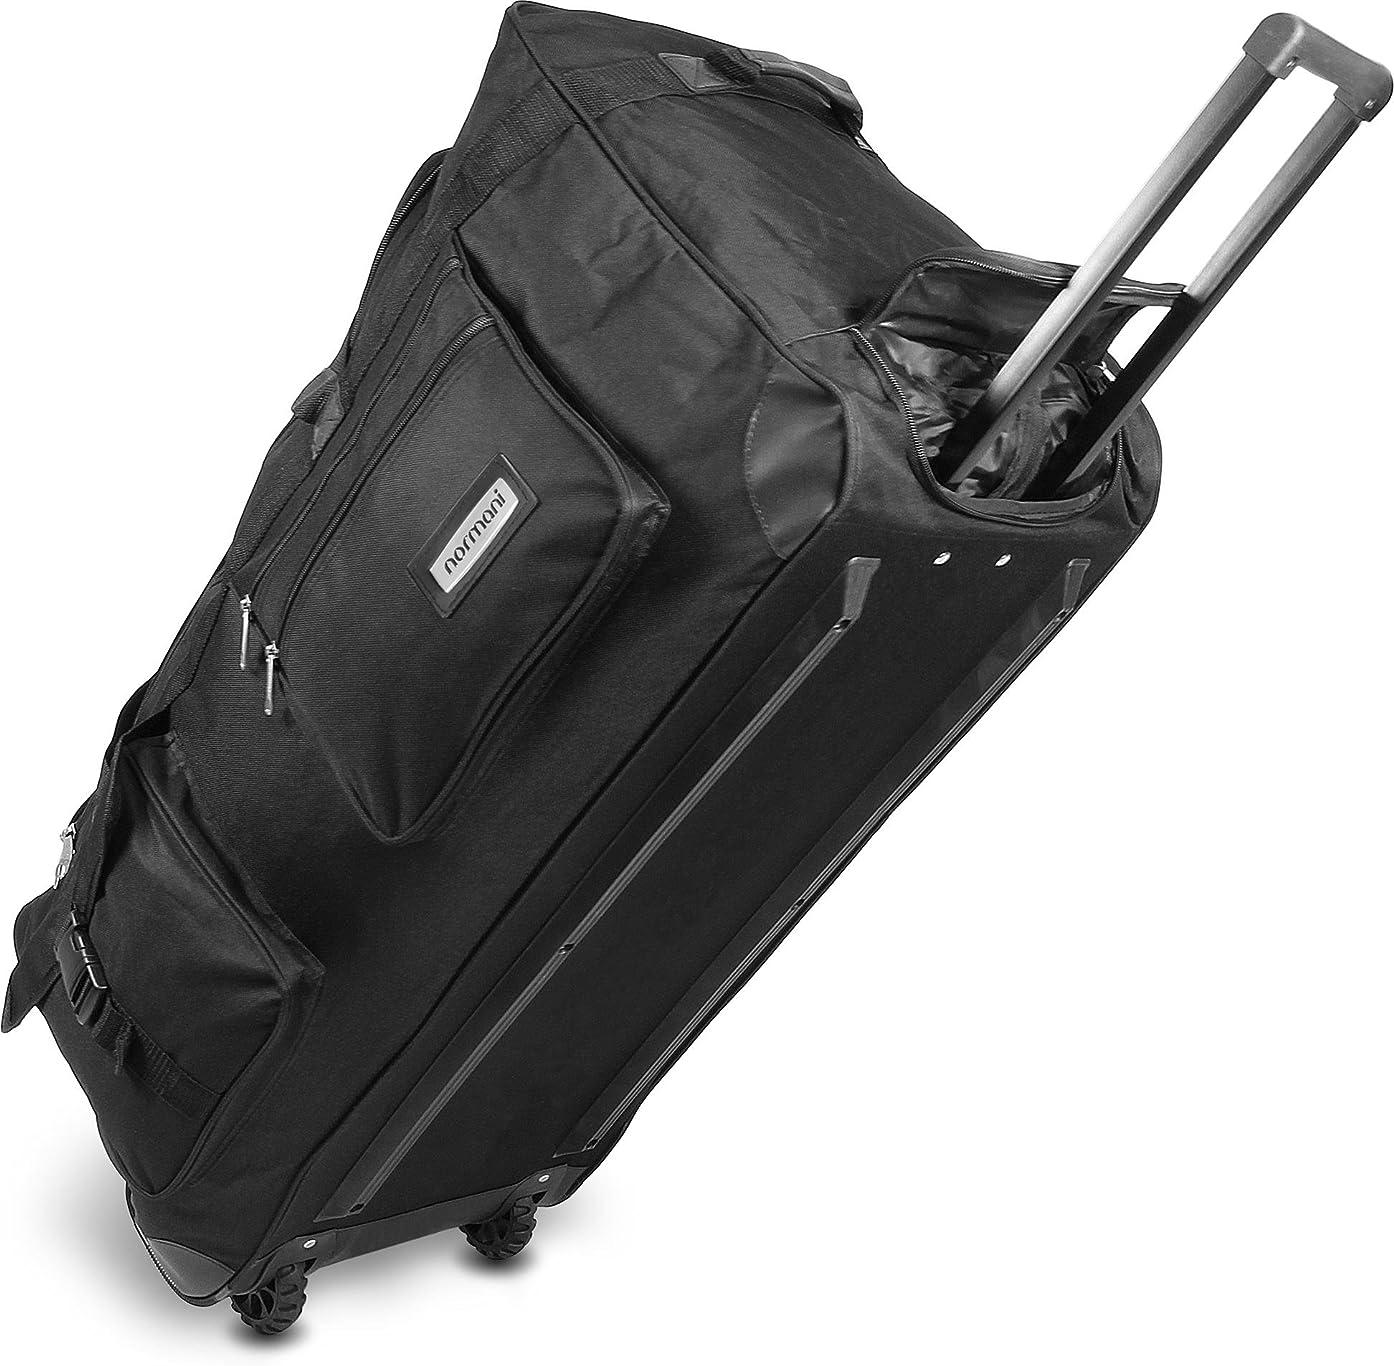 脆いピンチまもなく[ノルマニ]normani 旅行 キャリーバッグ ソフト スーツケース 大きい ギザギザ 二輪 80L